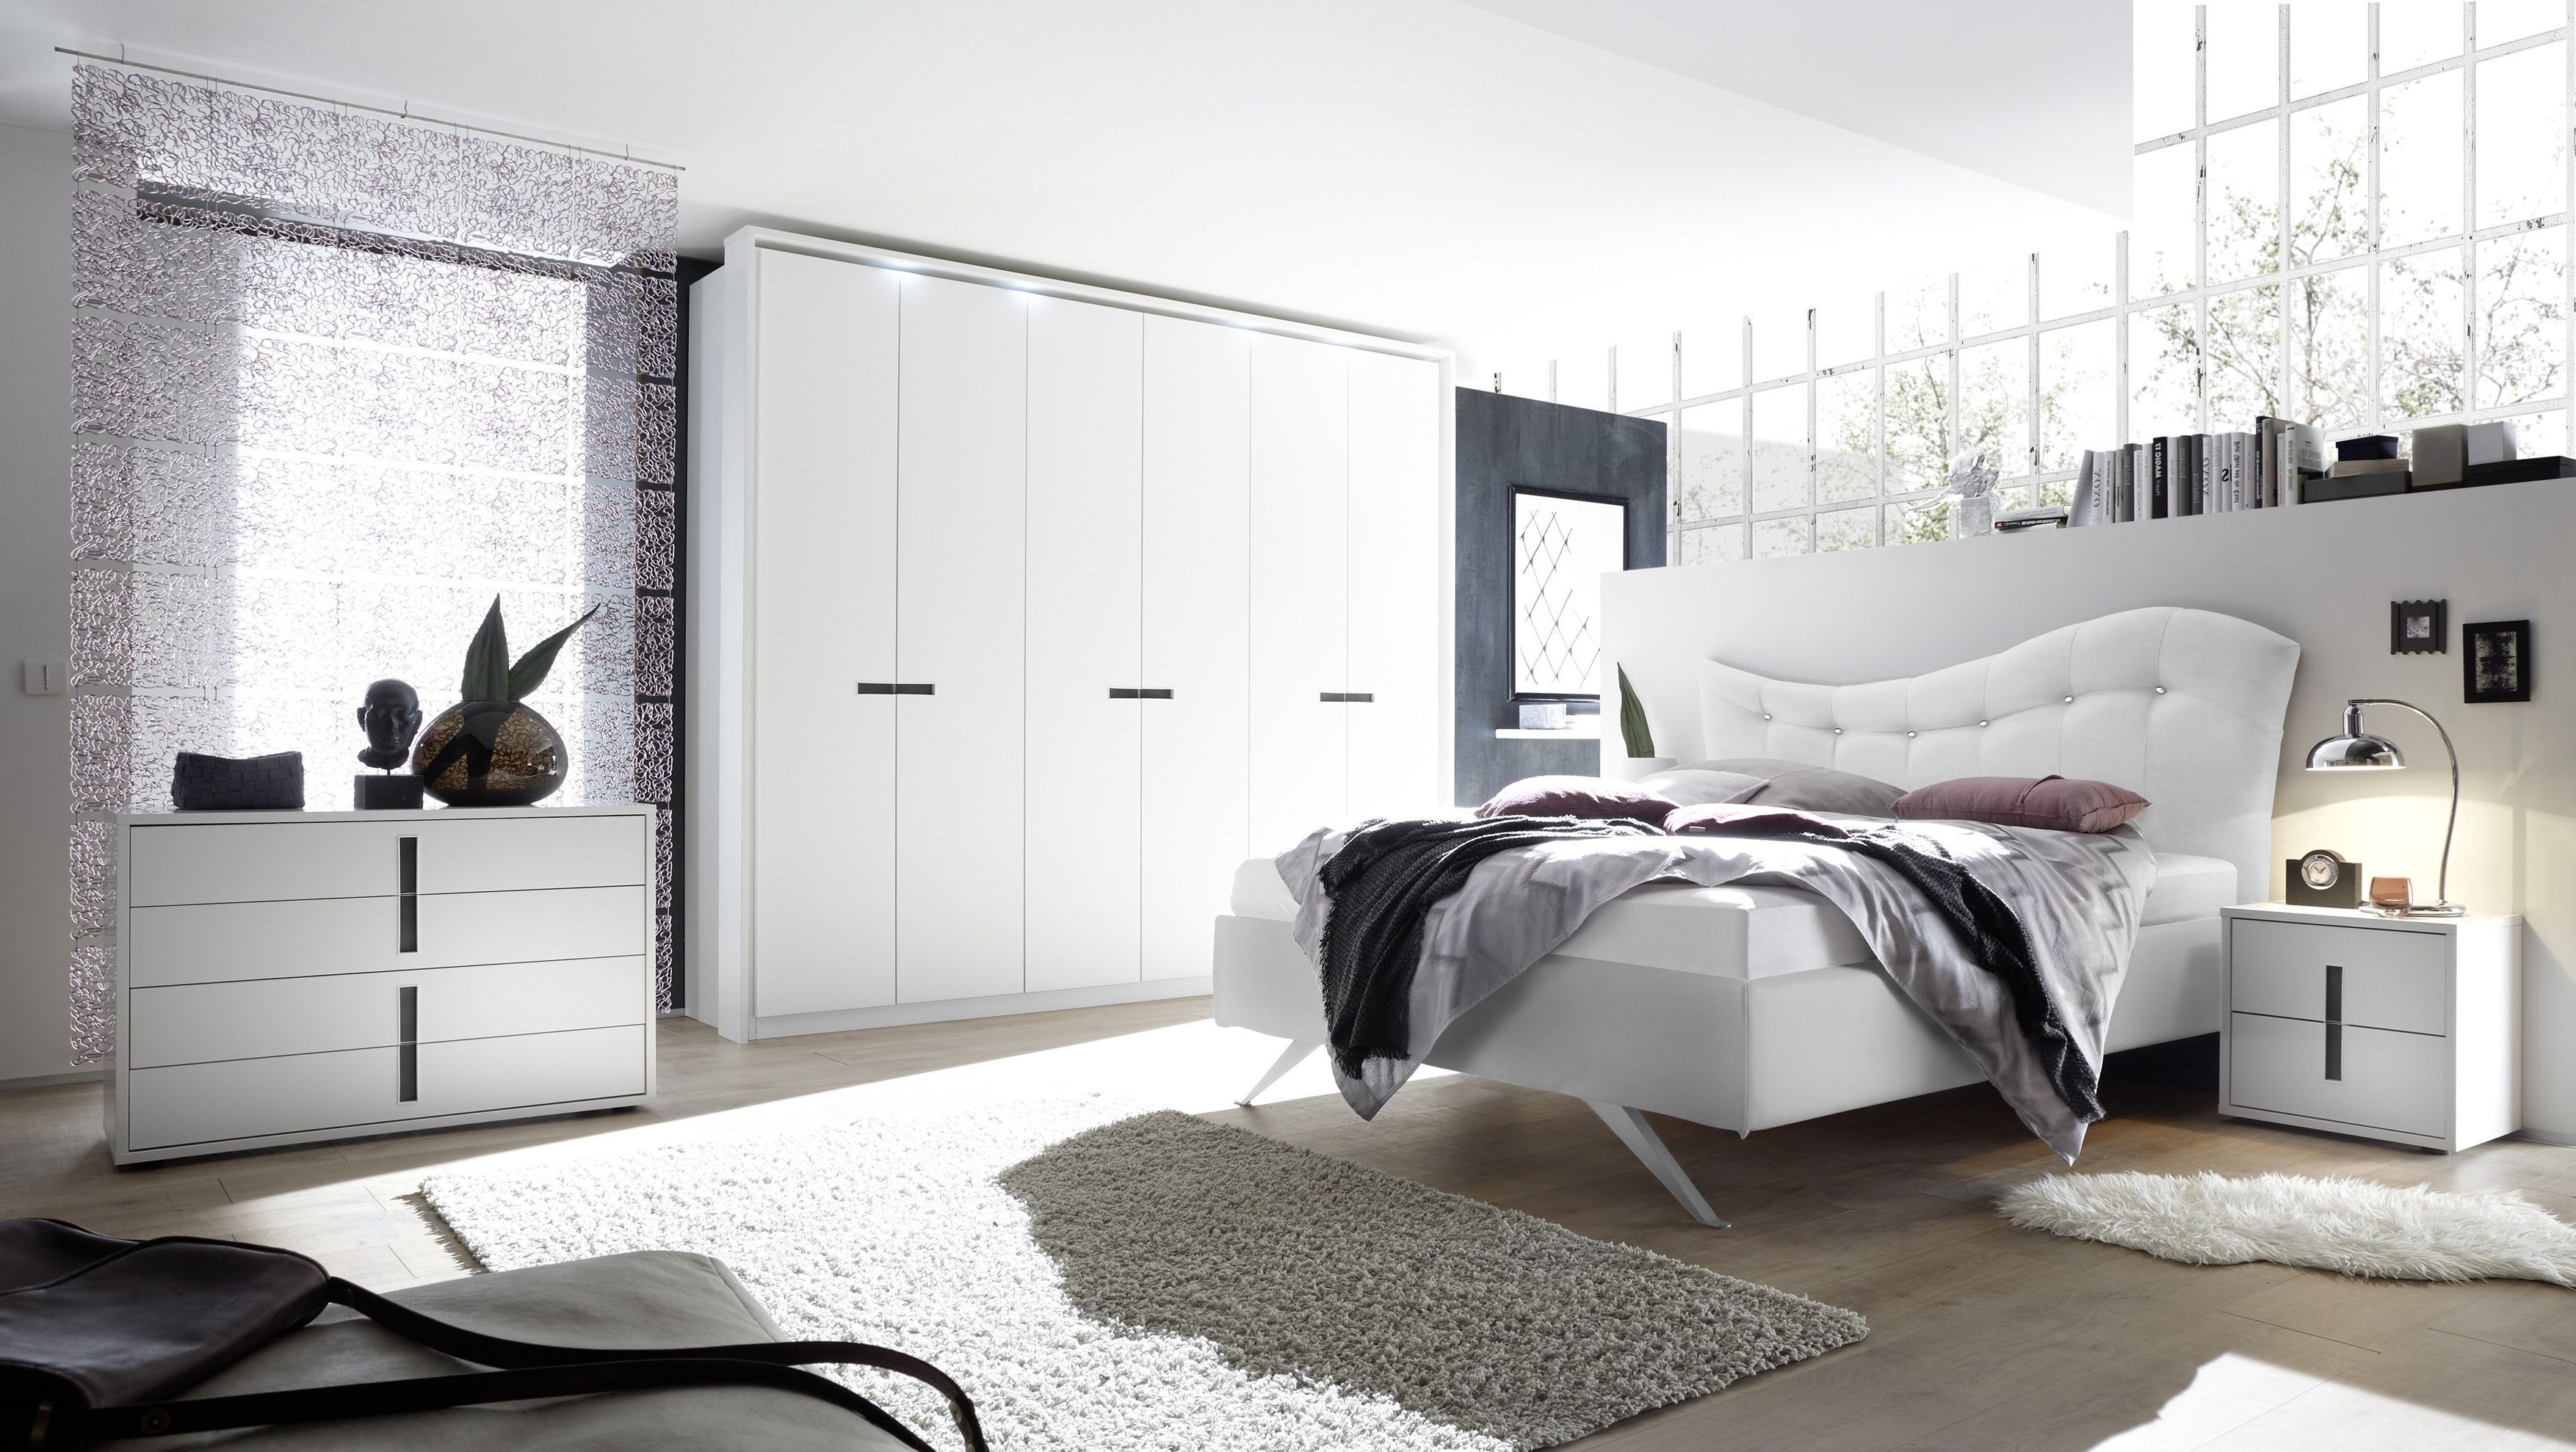 Schlafzimmer Mit Bett 180 X 200 Cm Weiss Lack Matt/ Anthrazit Woody  12 01175 Holz Modern Jetzt Bestellen Unter: ...